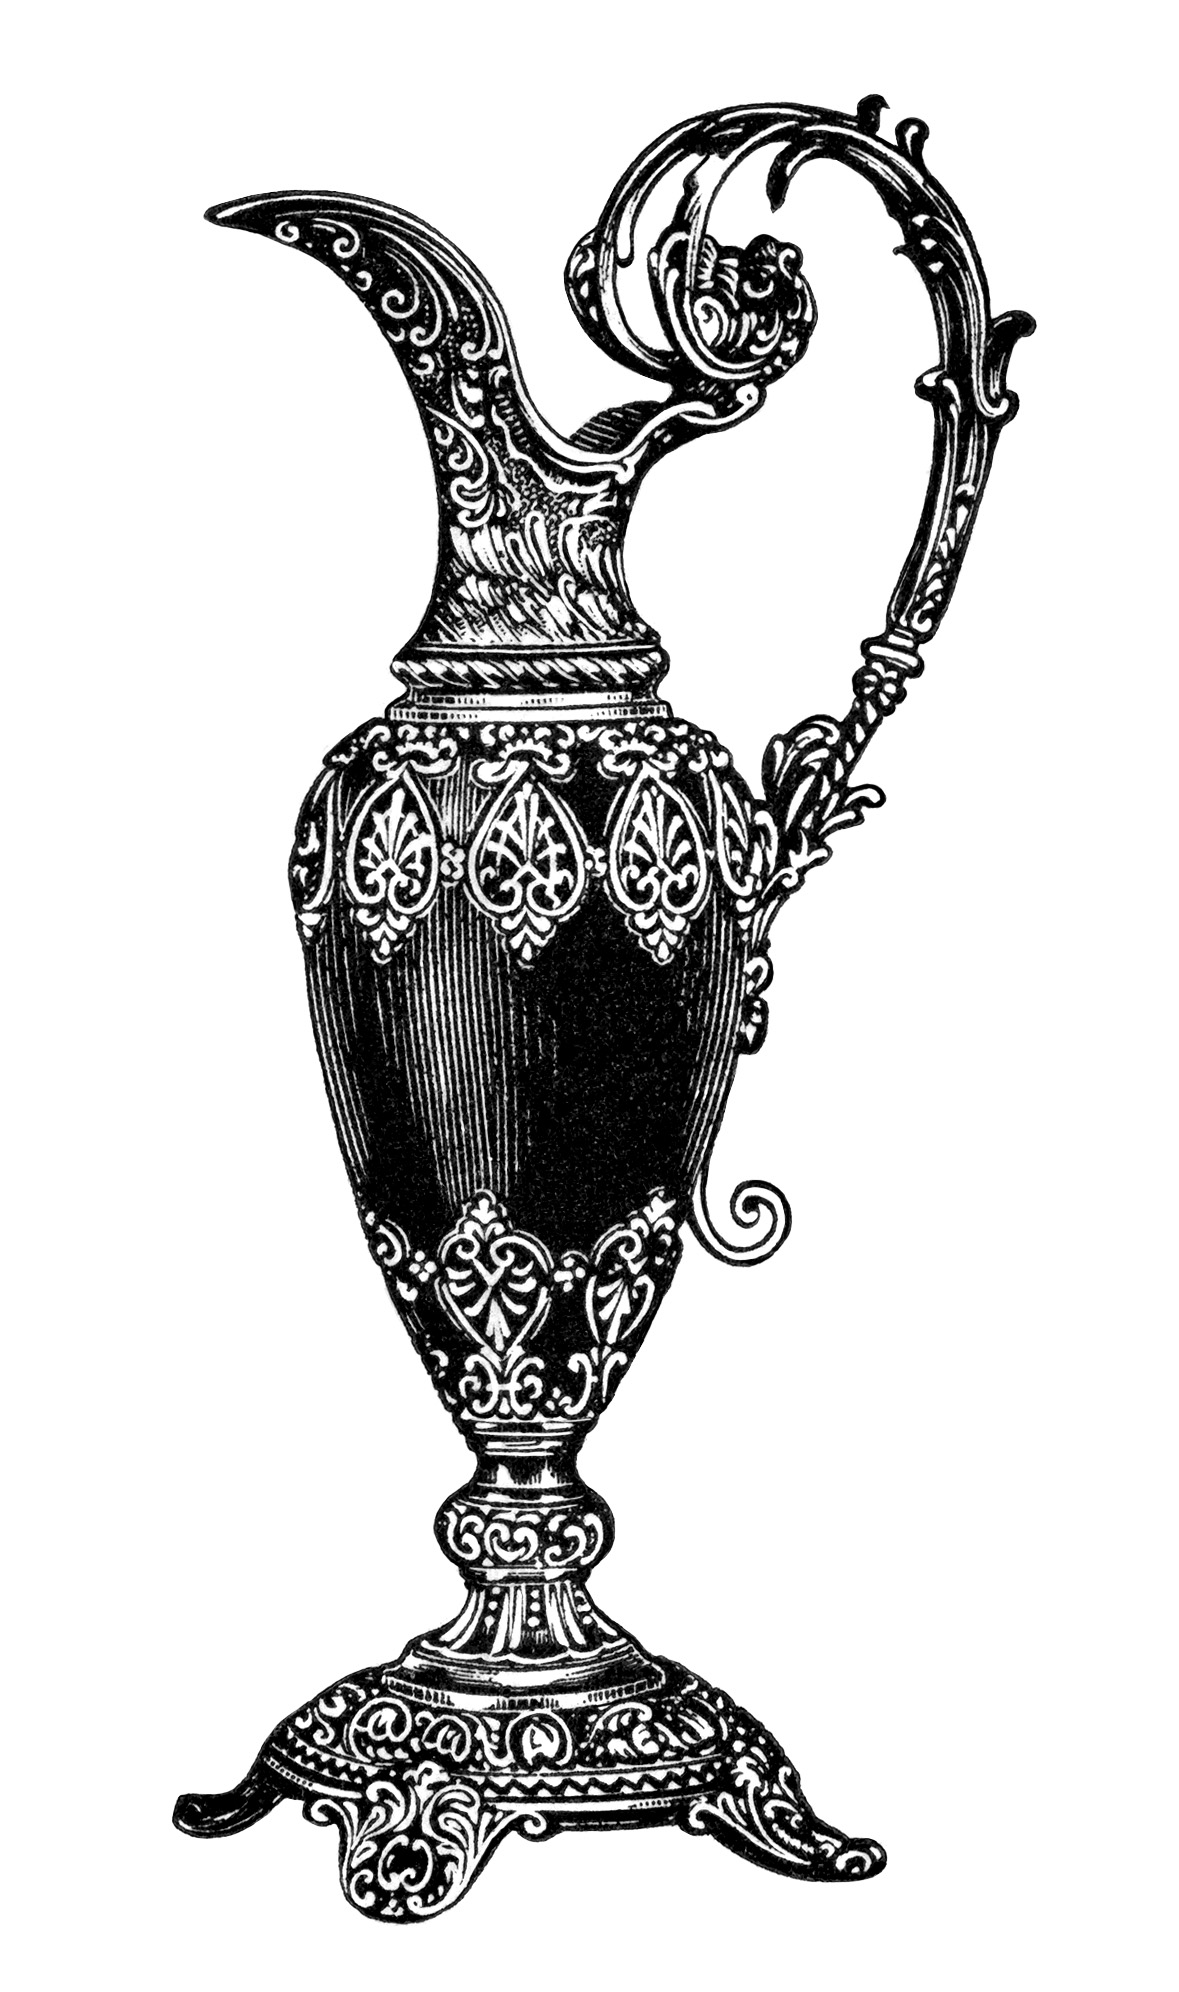 Mantel Ornamental Pitcher Clip Art - Old Design Shop Blog